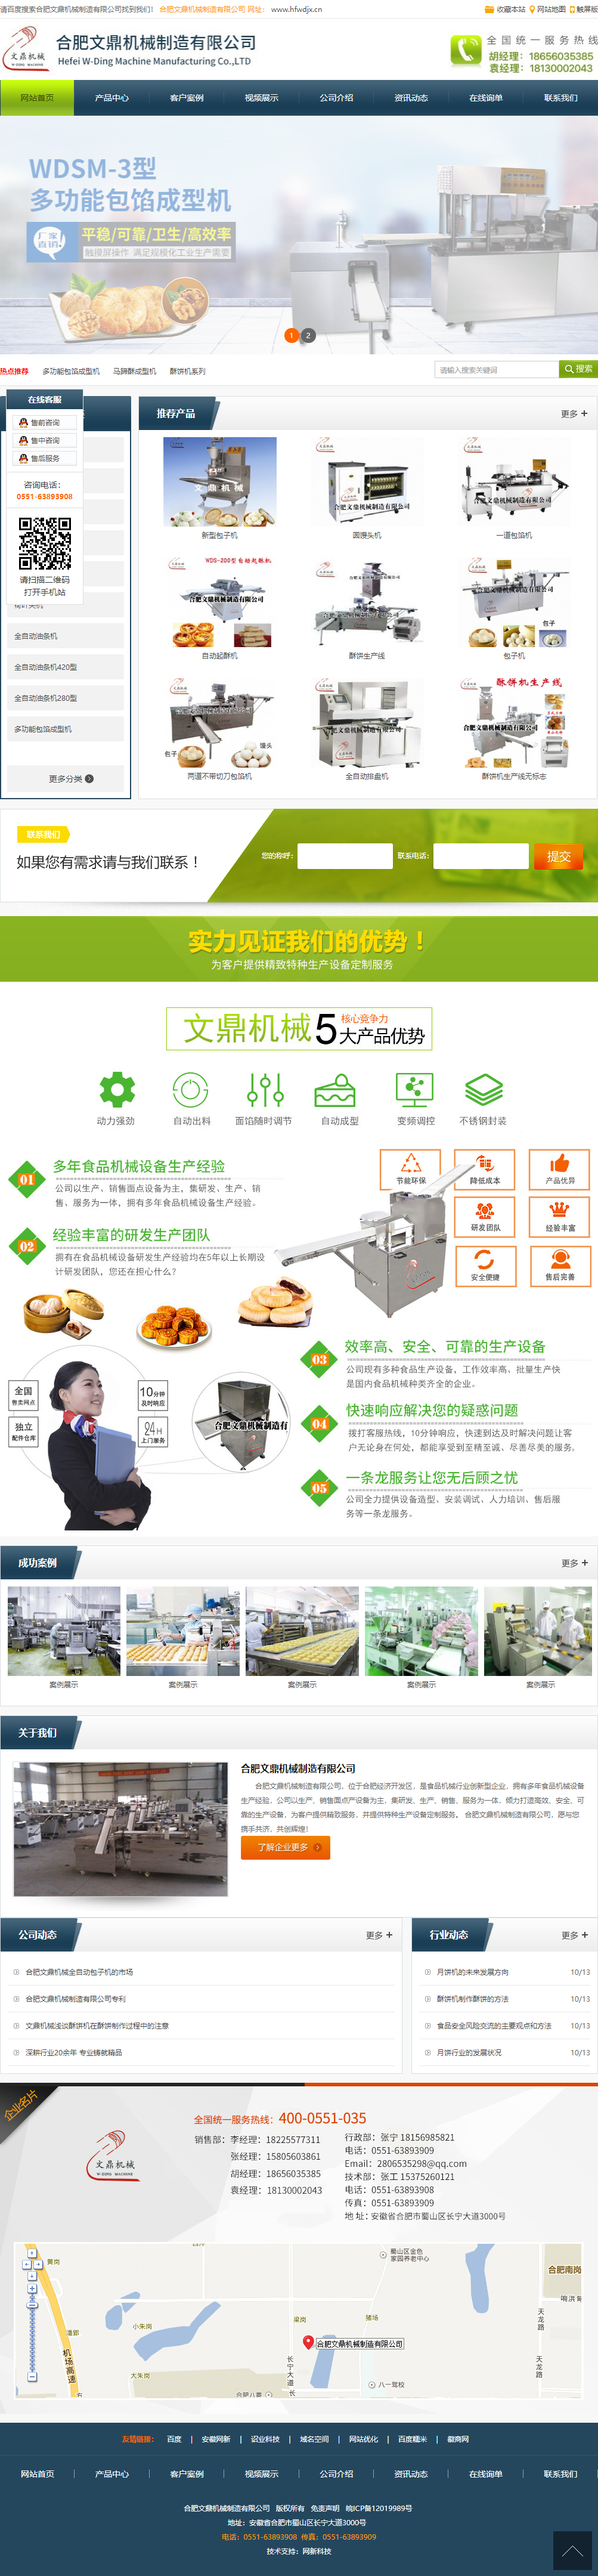 合肥文鼎机械制造有限公司网站案例